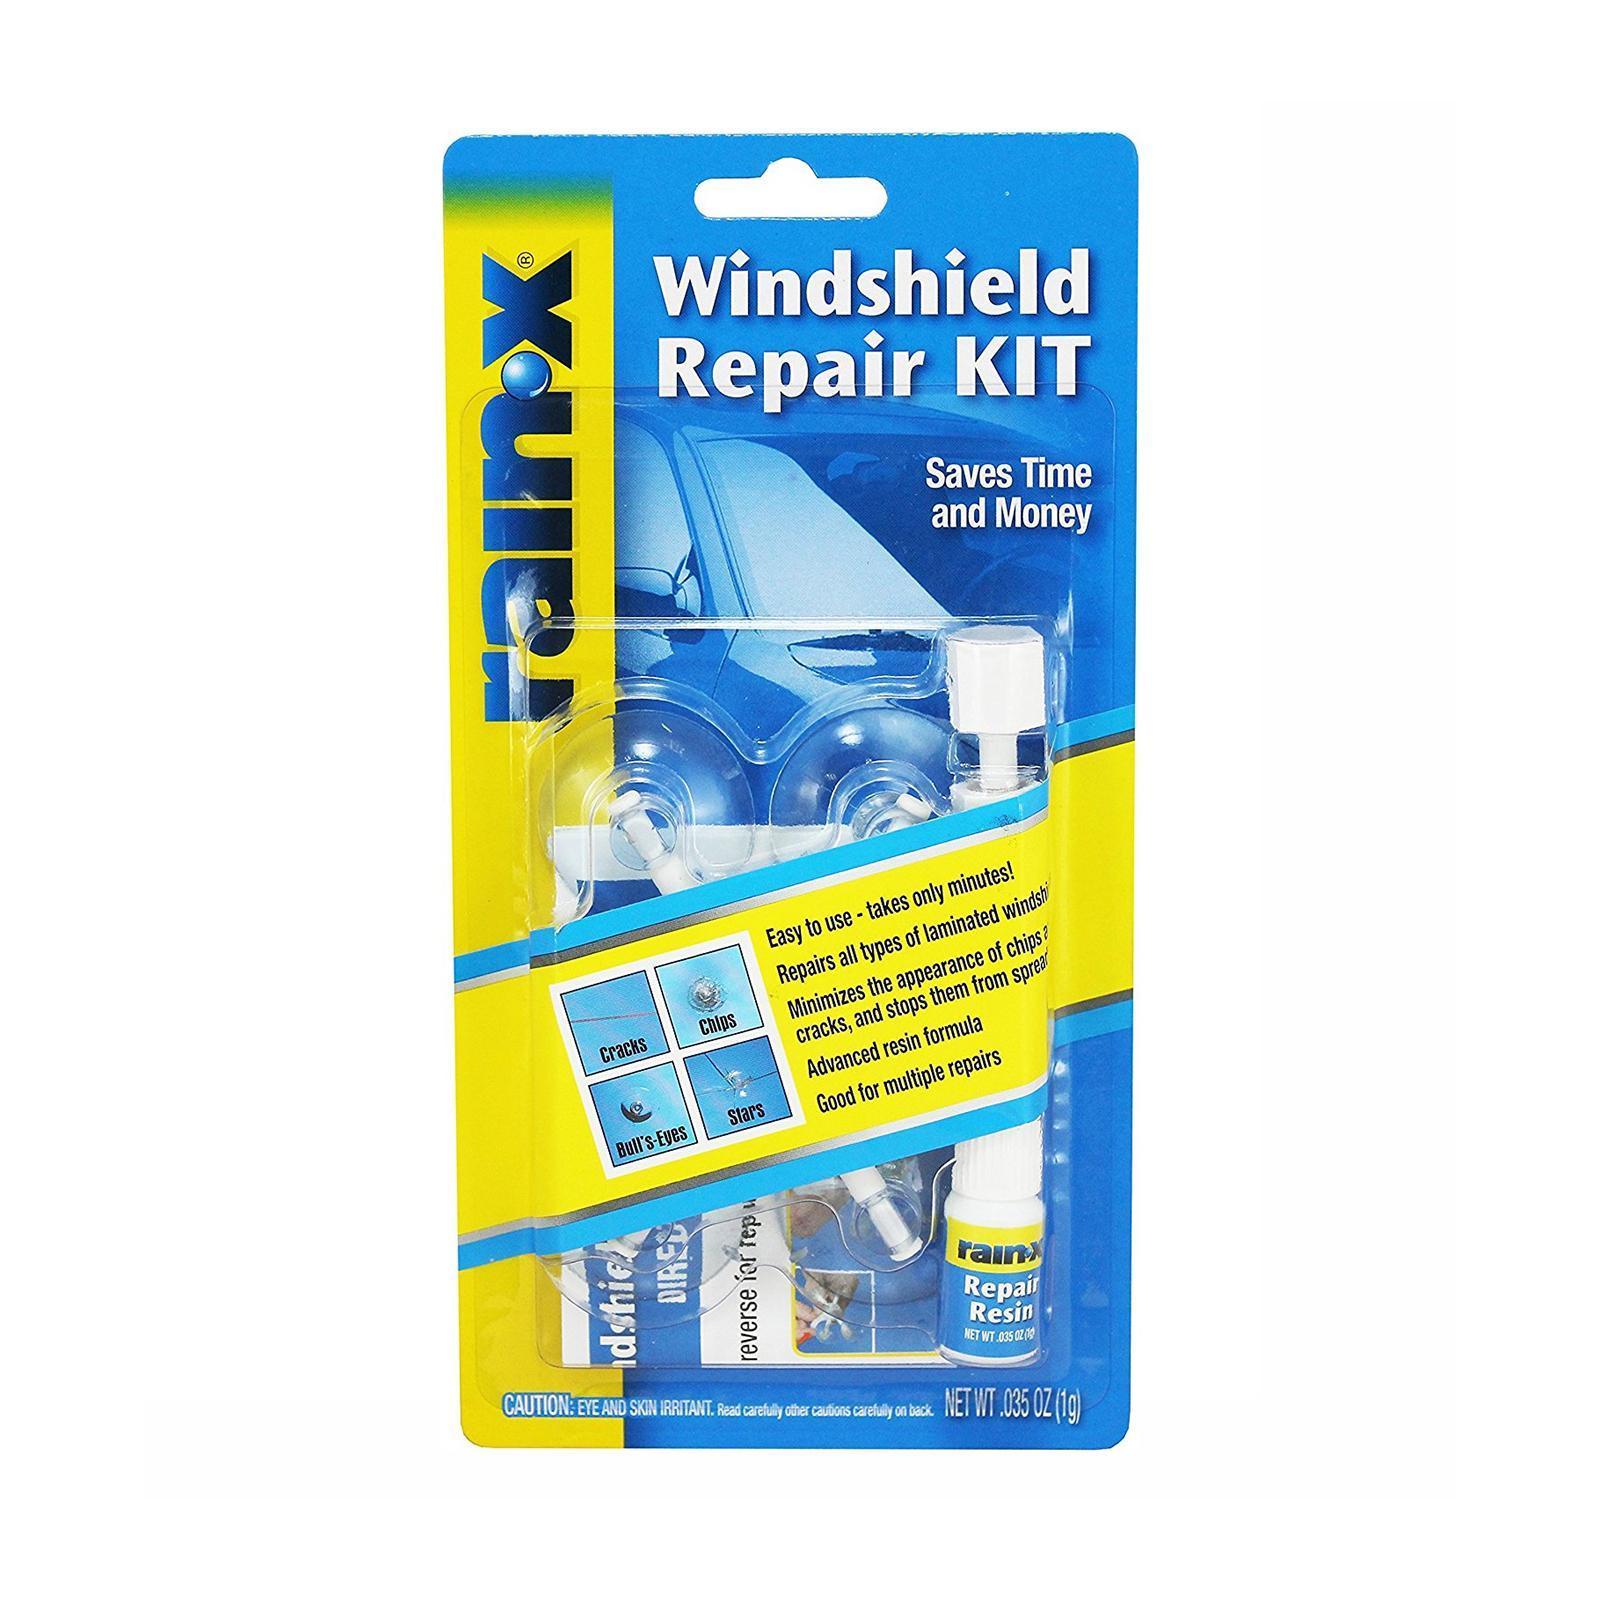 Buy Rain X Glass Cleaner | Wiper Blade | Lazada sg